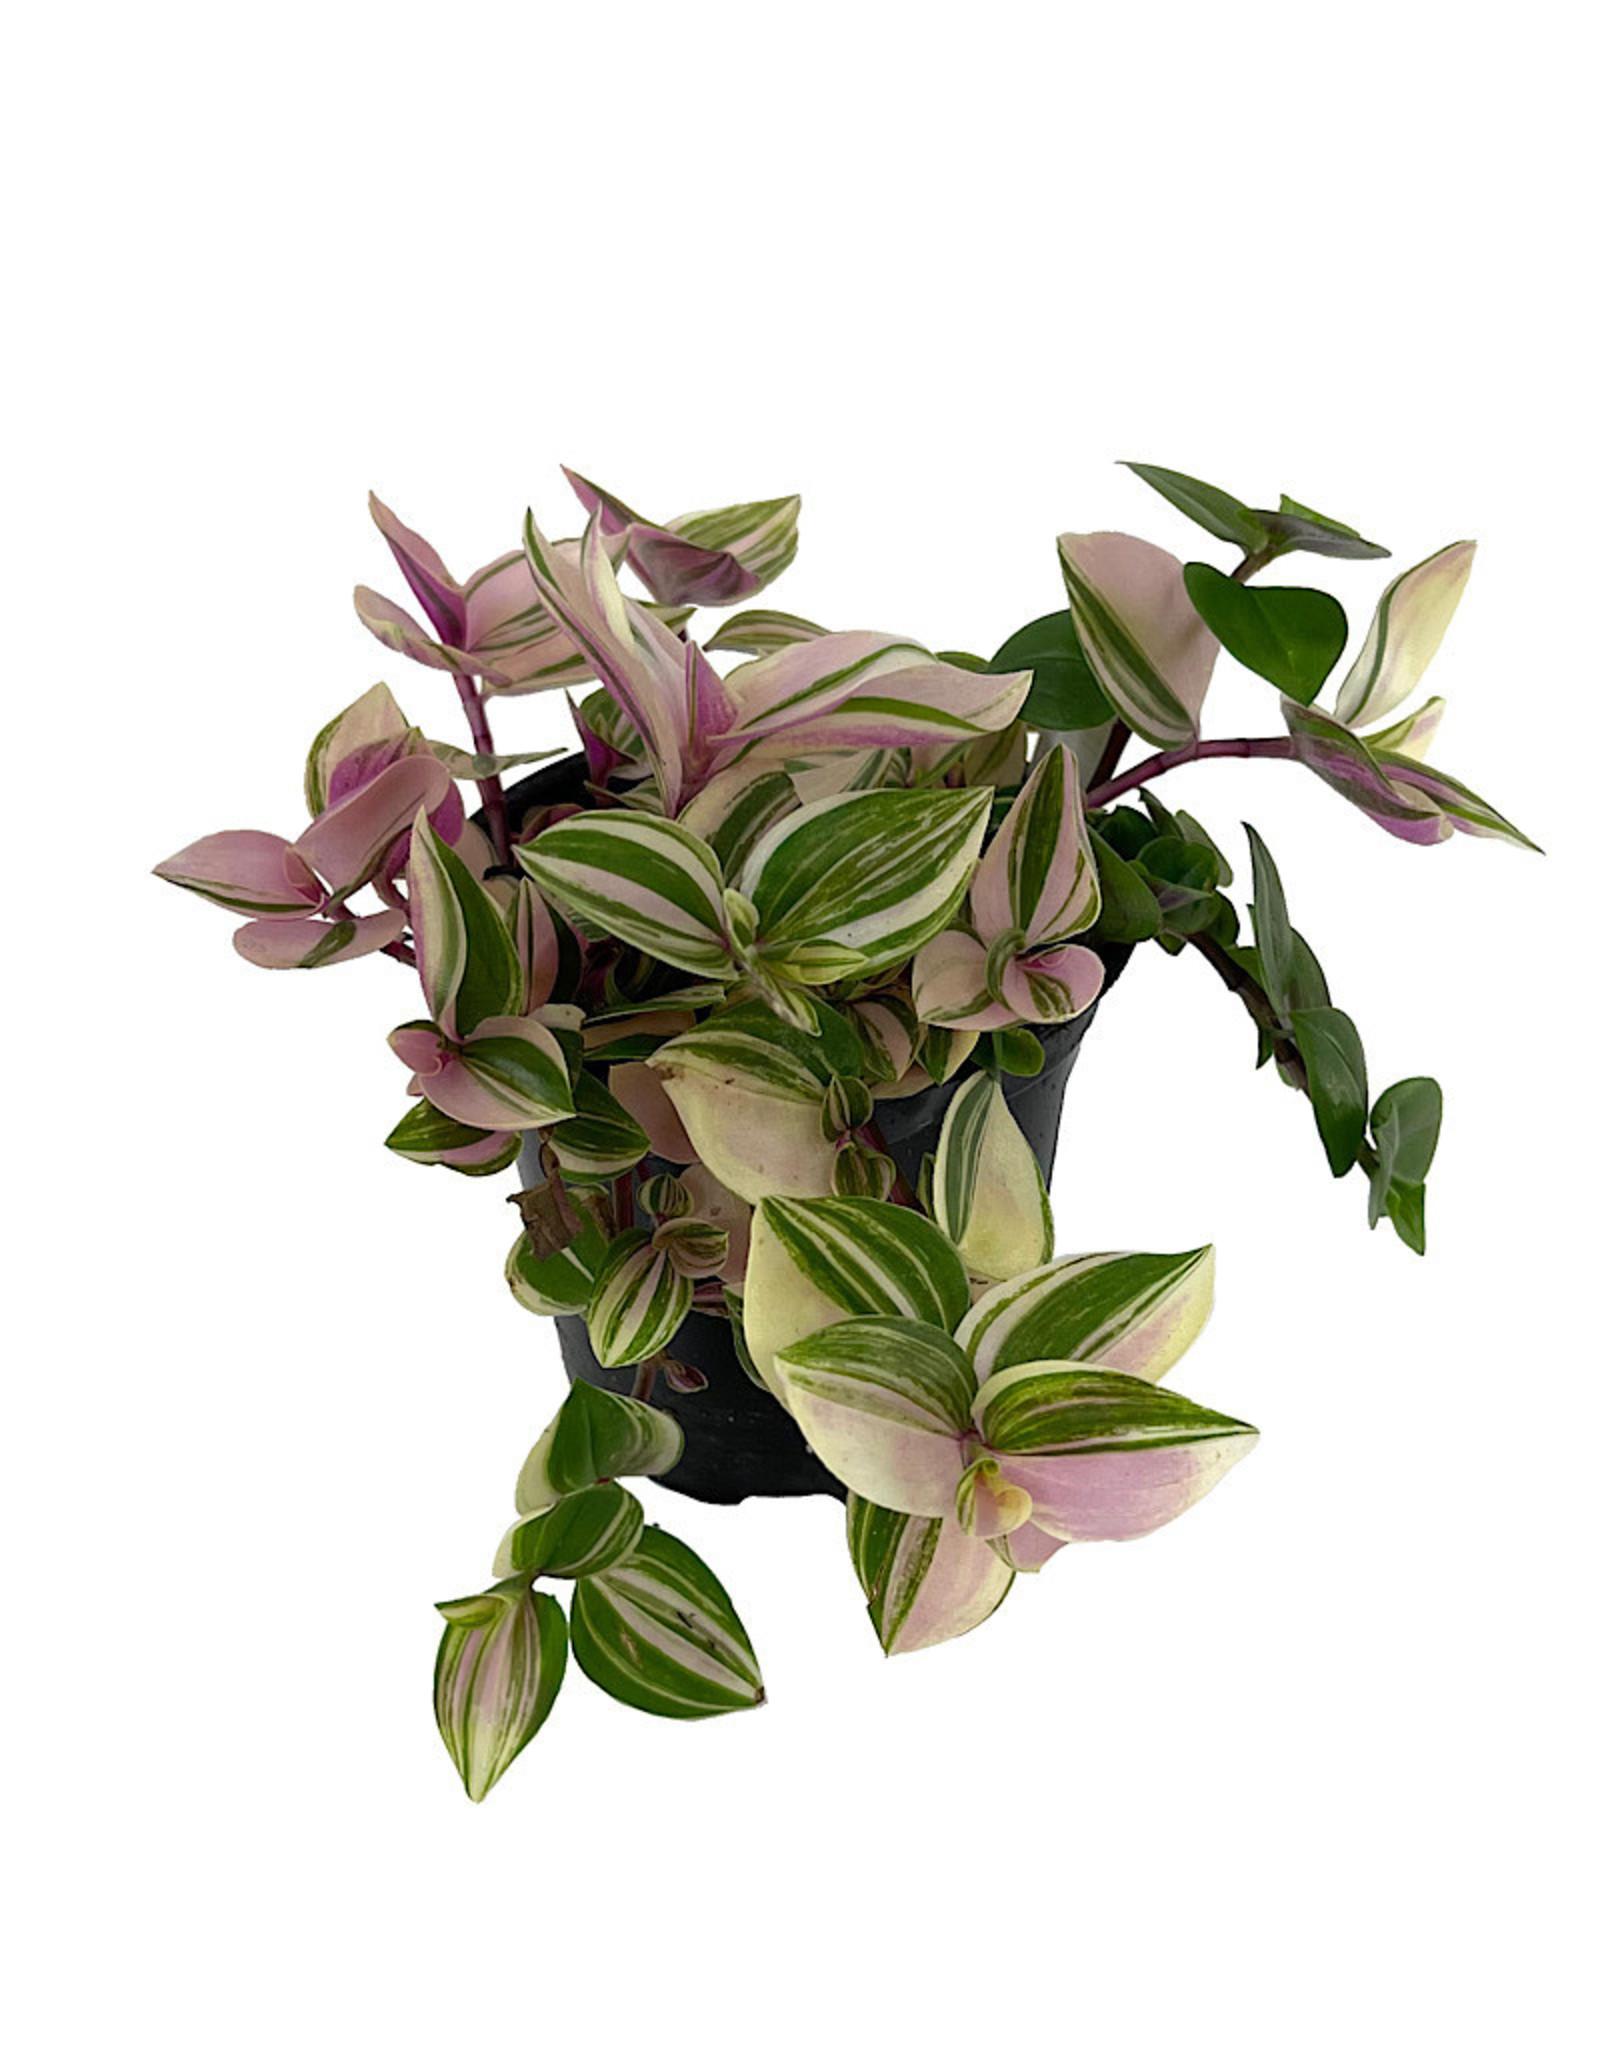 Tradescantia tricolor 'Pink Princess' 4 Inch